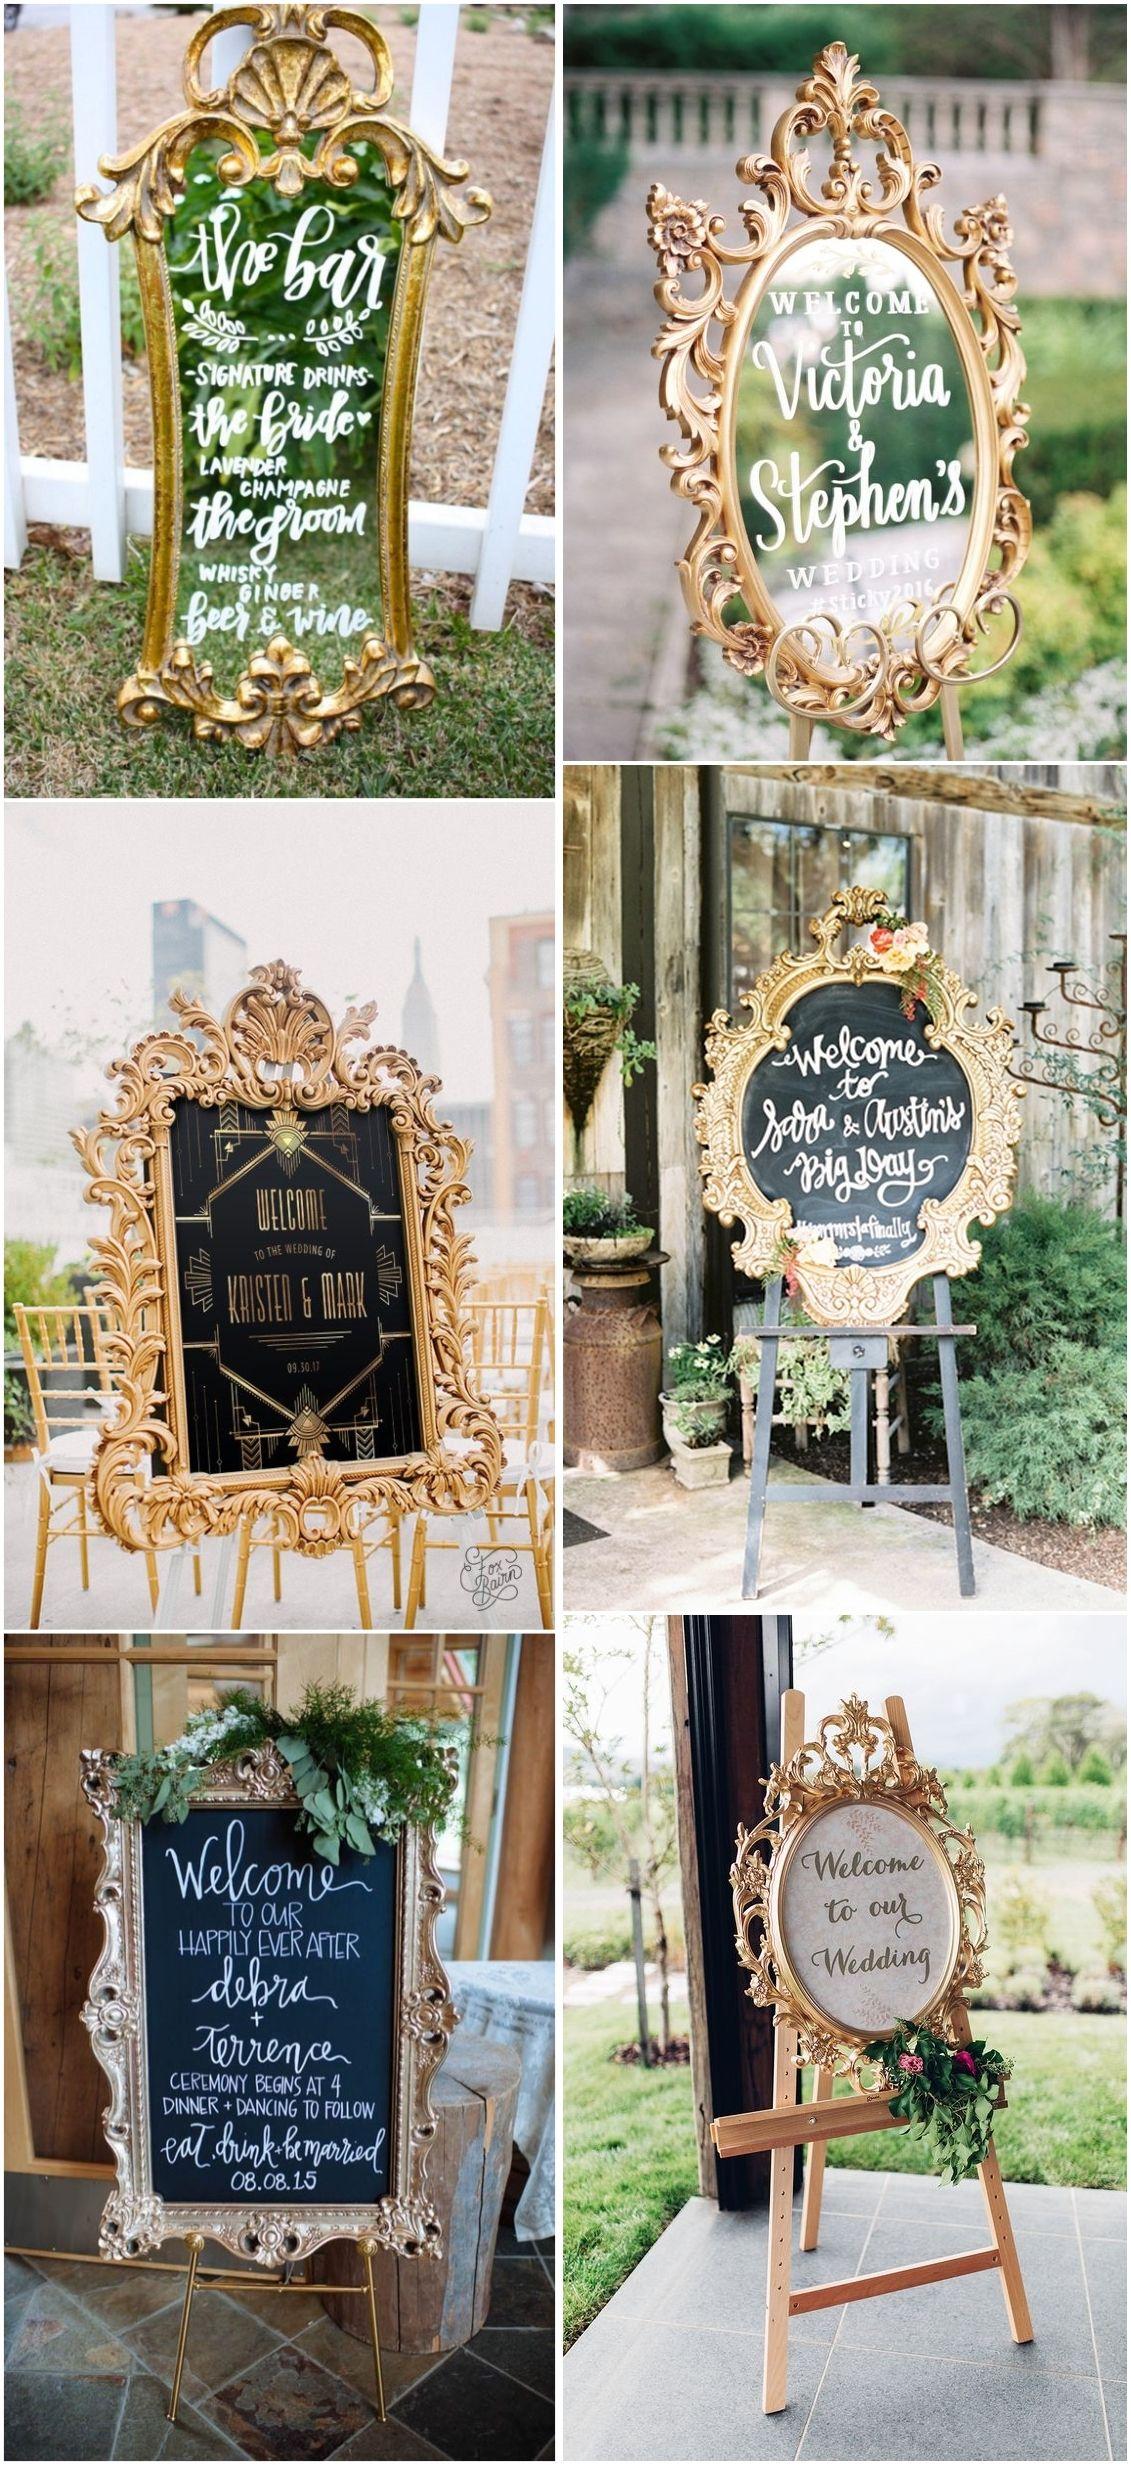 Unique Wedding Signs Weddings Weddingideas Vintage Vintageweddings Unique Wedding Signs Wedding Decorations Wedding Frames